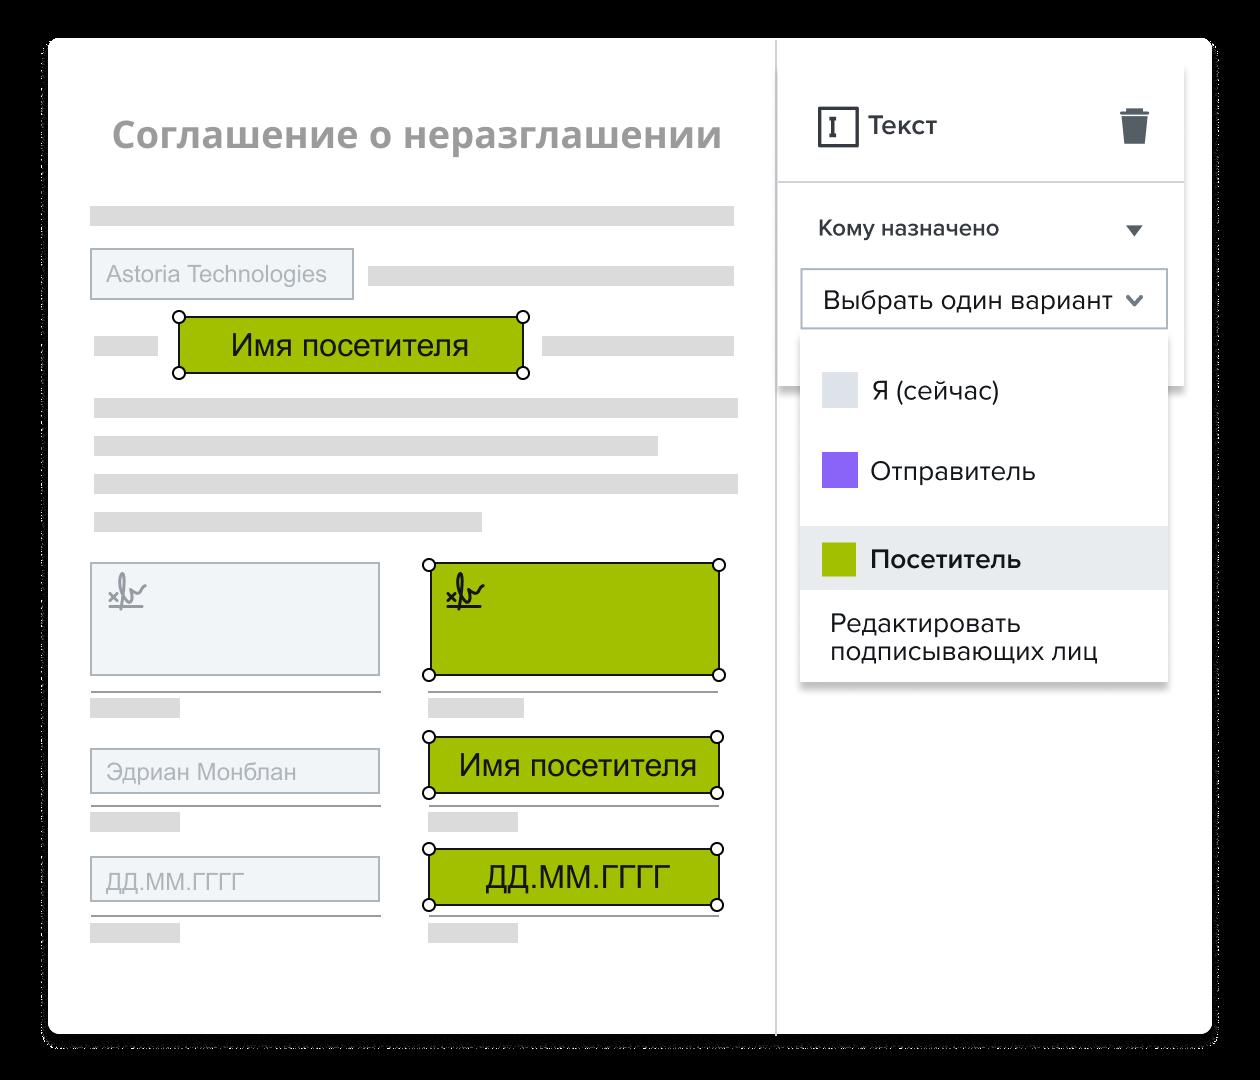 Скриншот назначения пользователем подписывающего лица в HelloSign